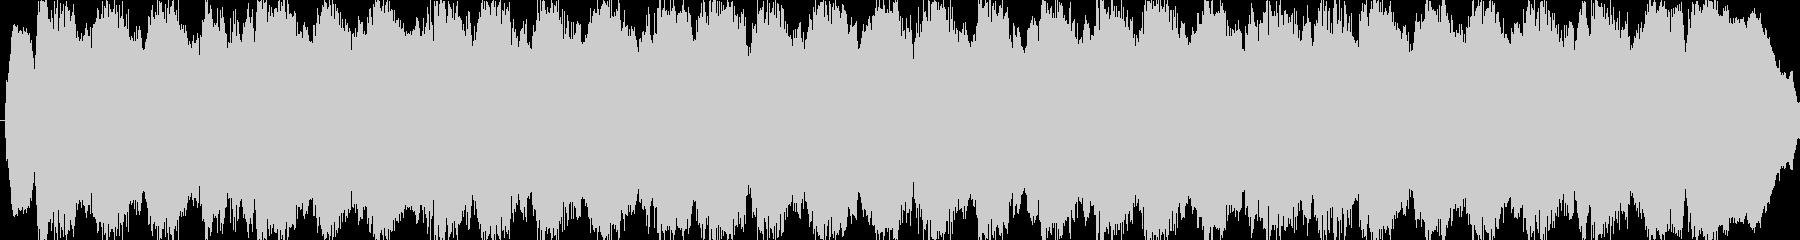 パイプオルガン バッハ風 三声の未再生の波形